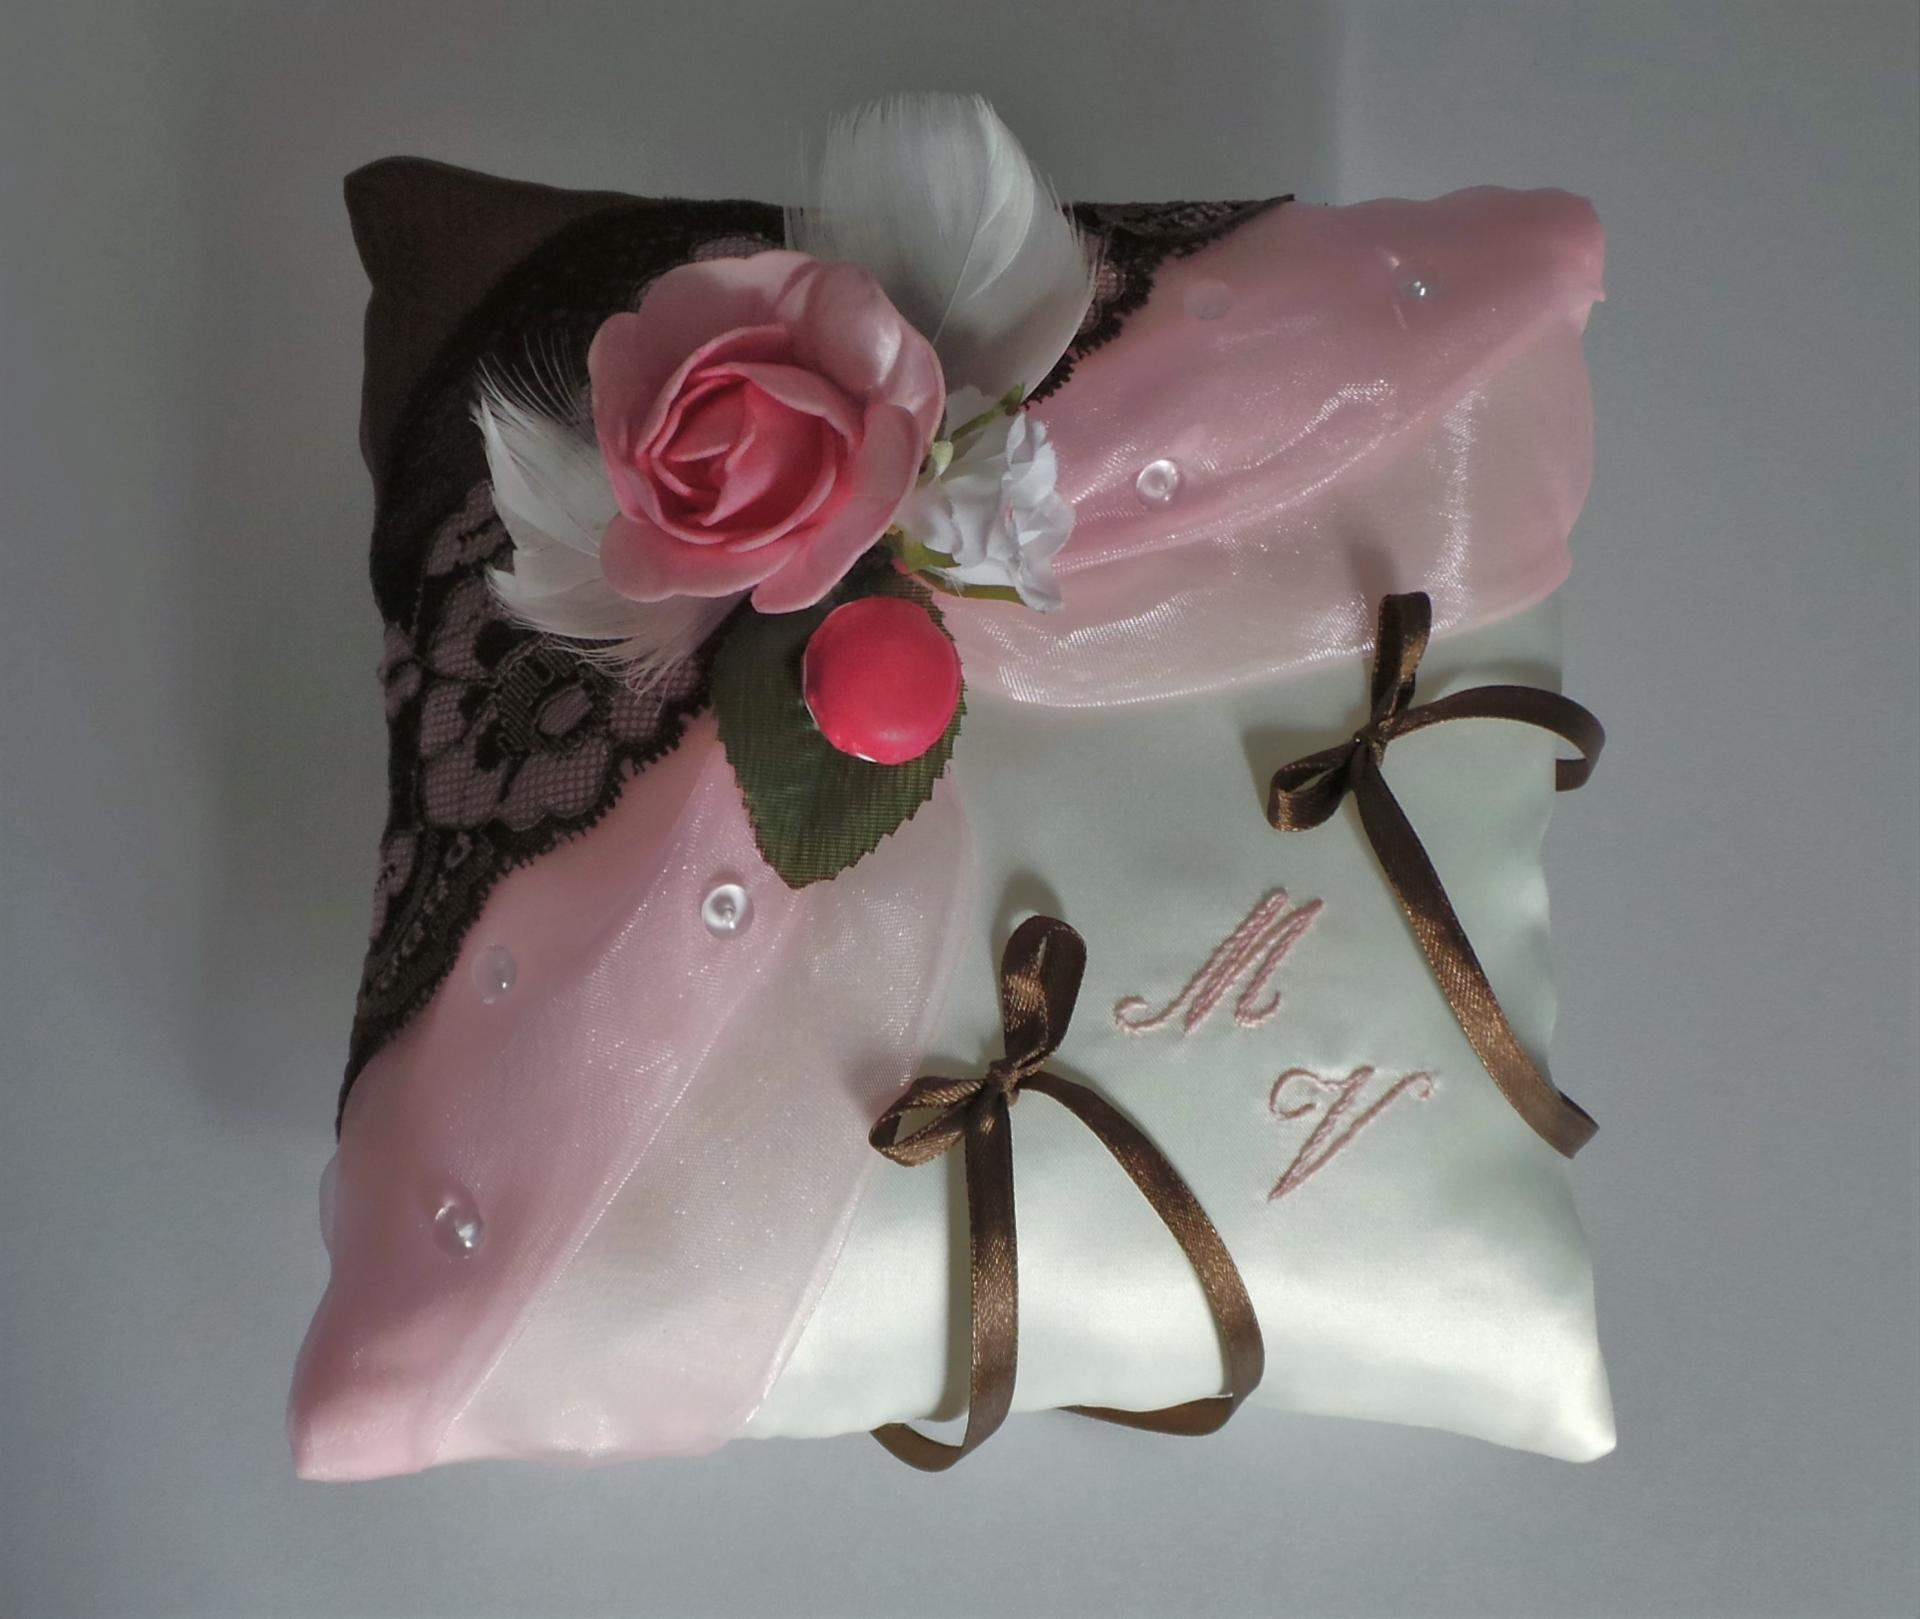 Coussin de mariage porte alliance thème gourmandise rose chocolat dentelle